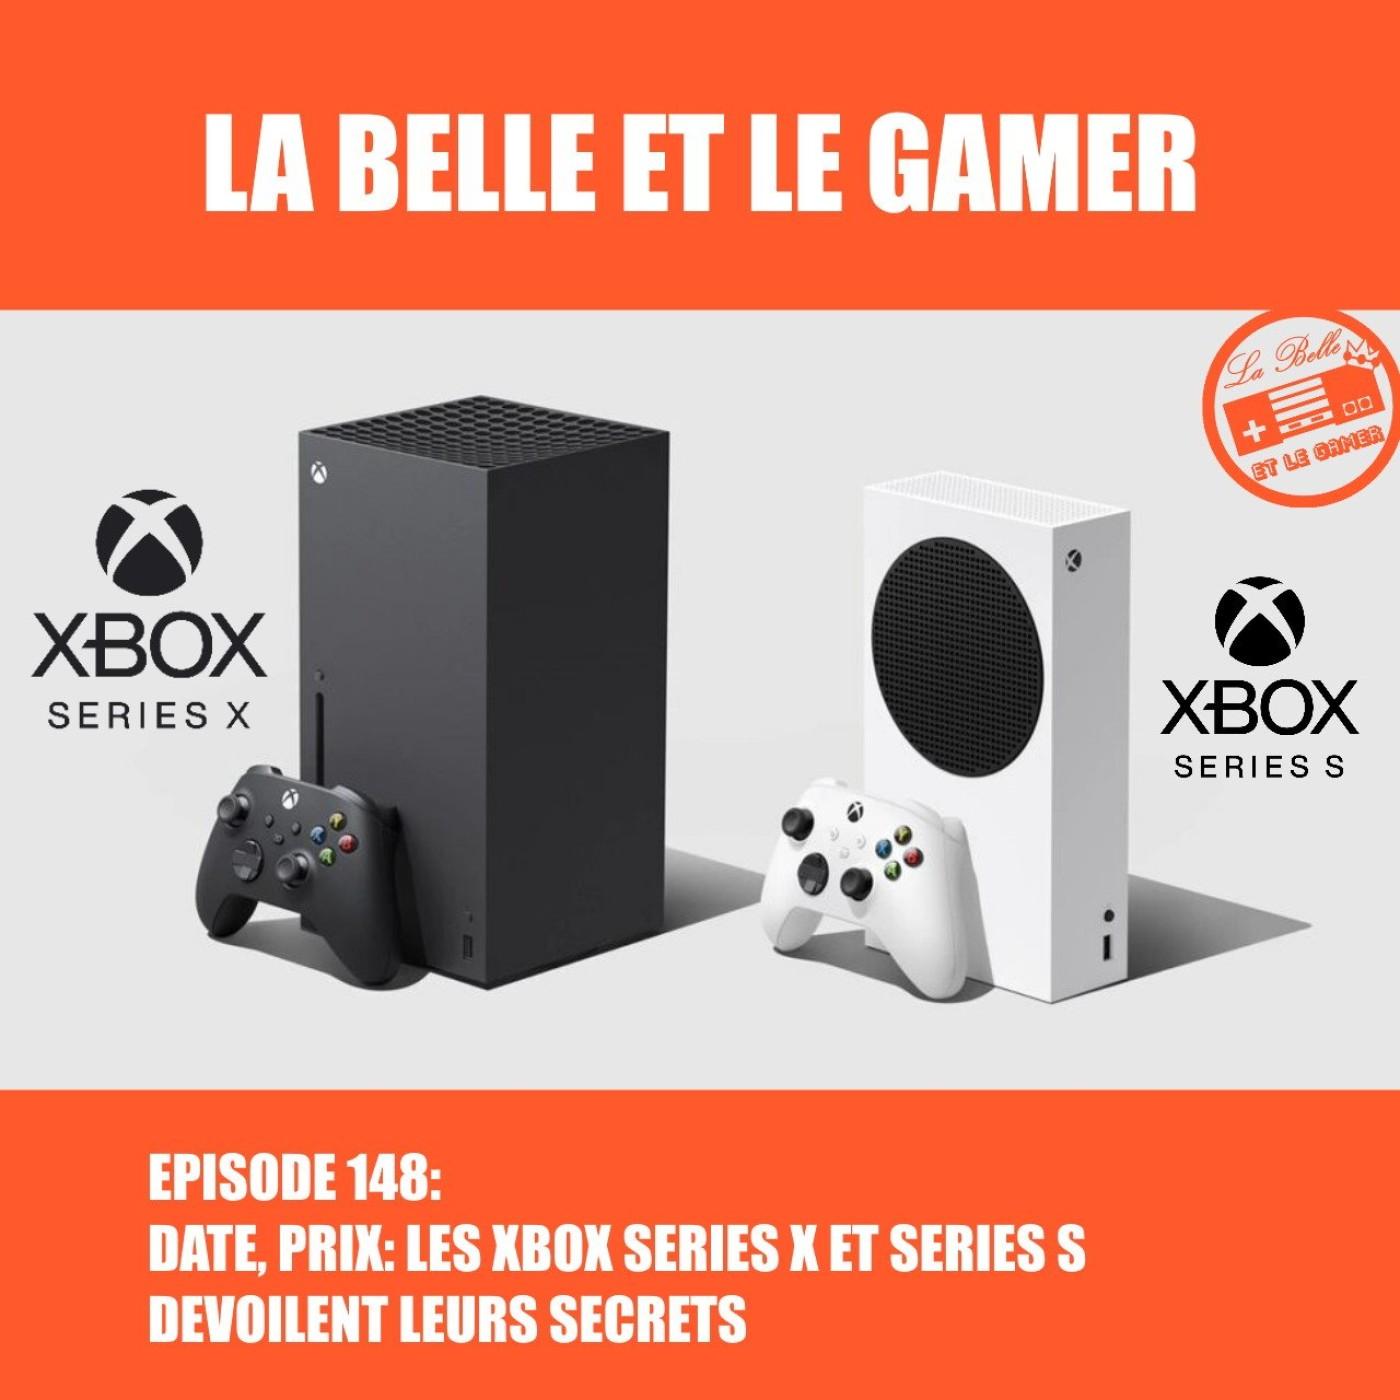 Episode 148: Date, prix: les Xbox Series X et S dévoilent leurs secrets!